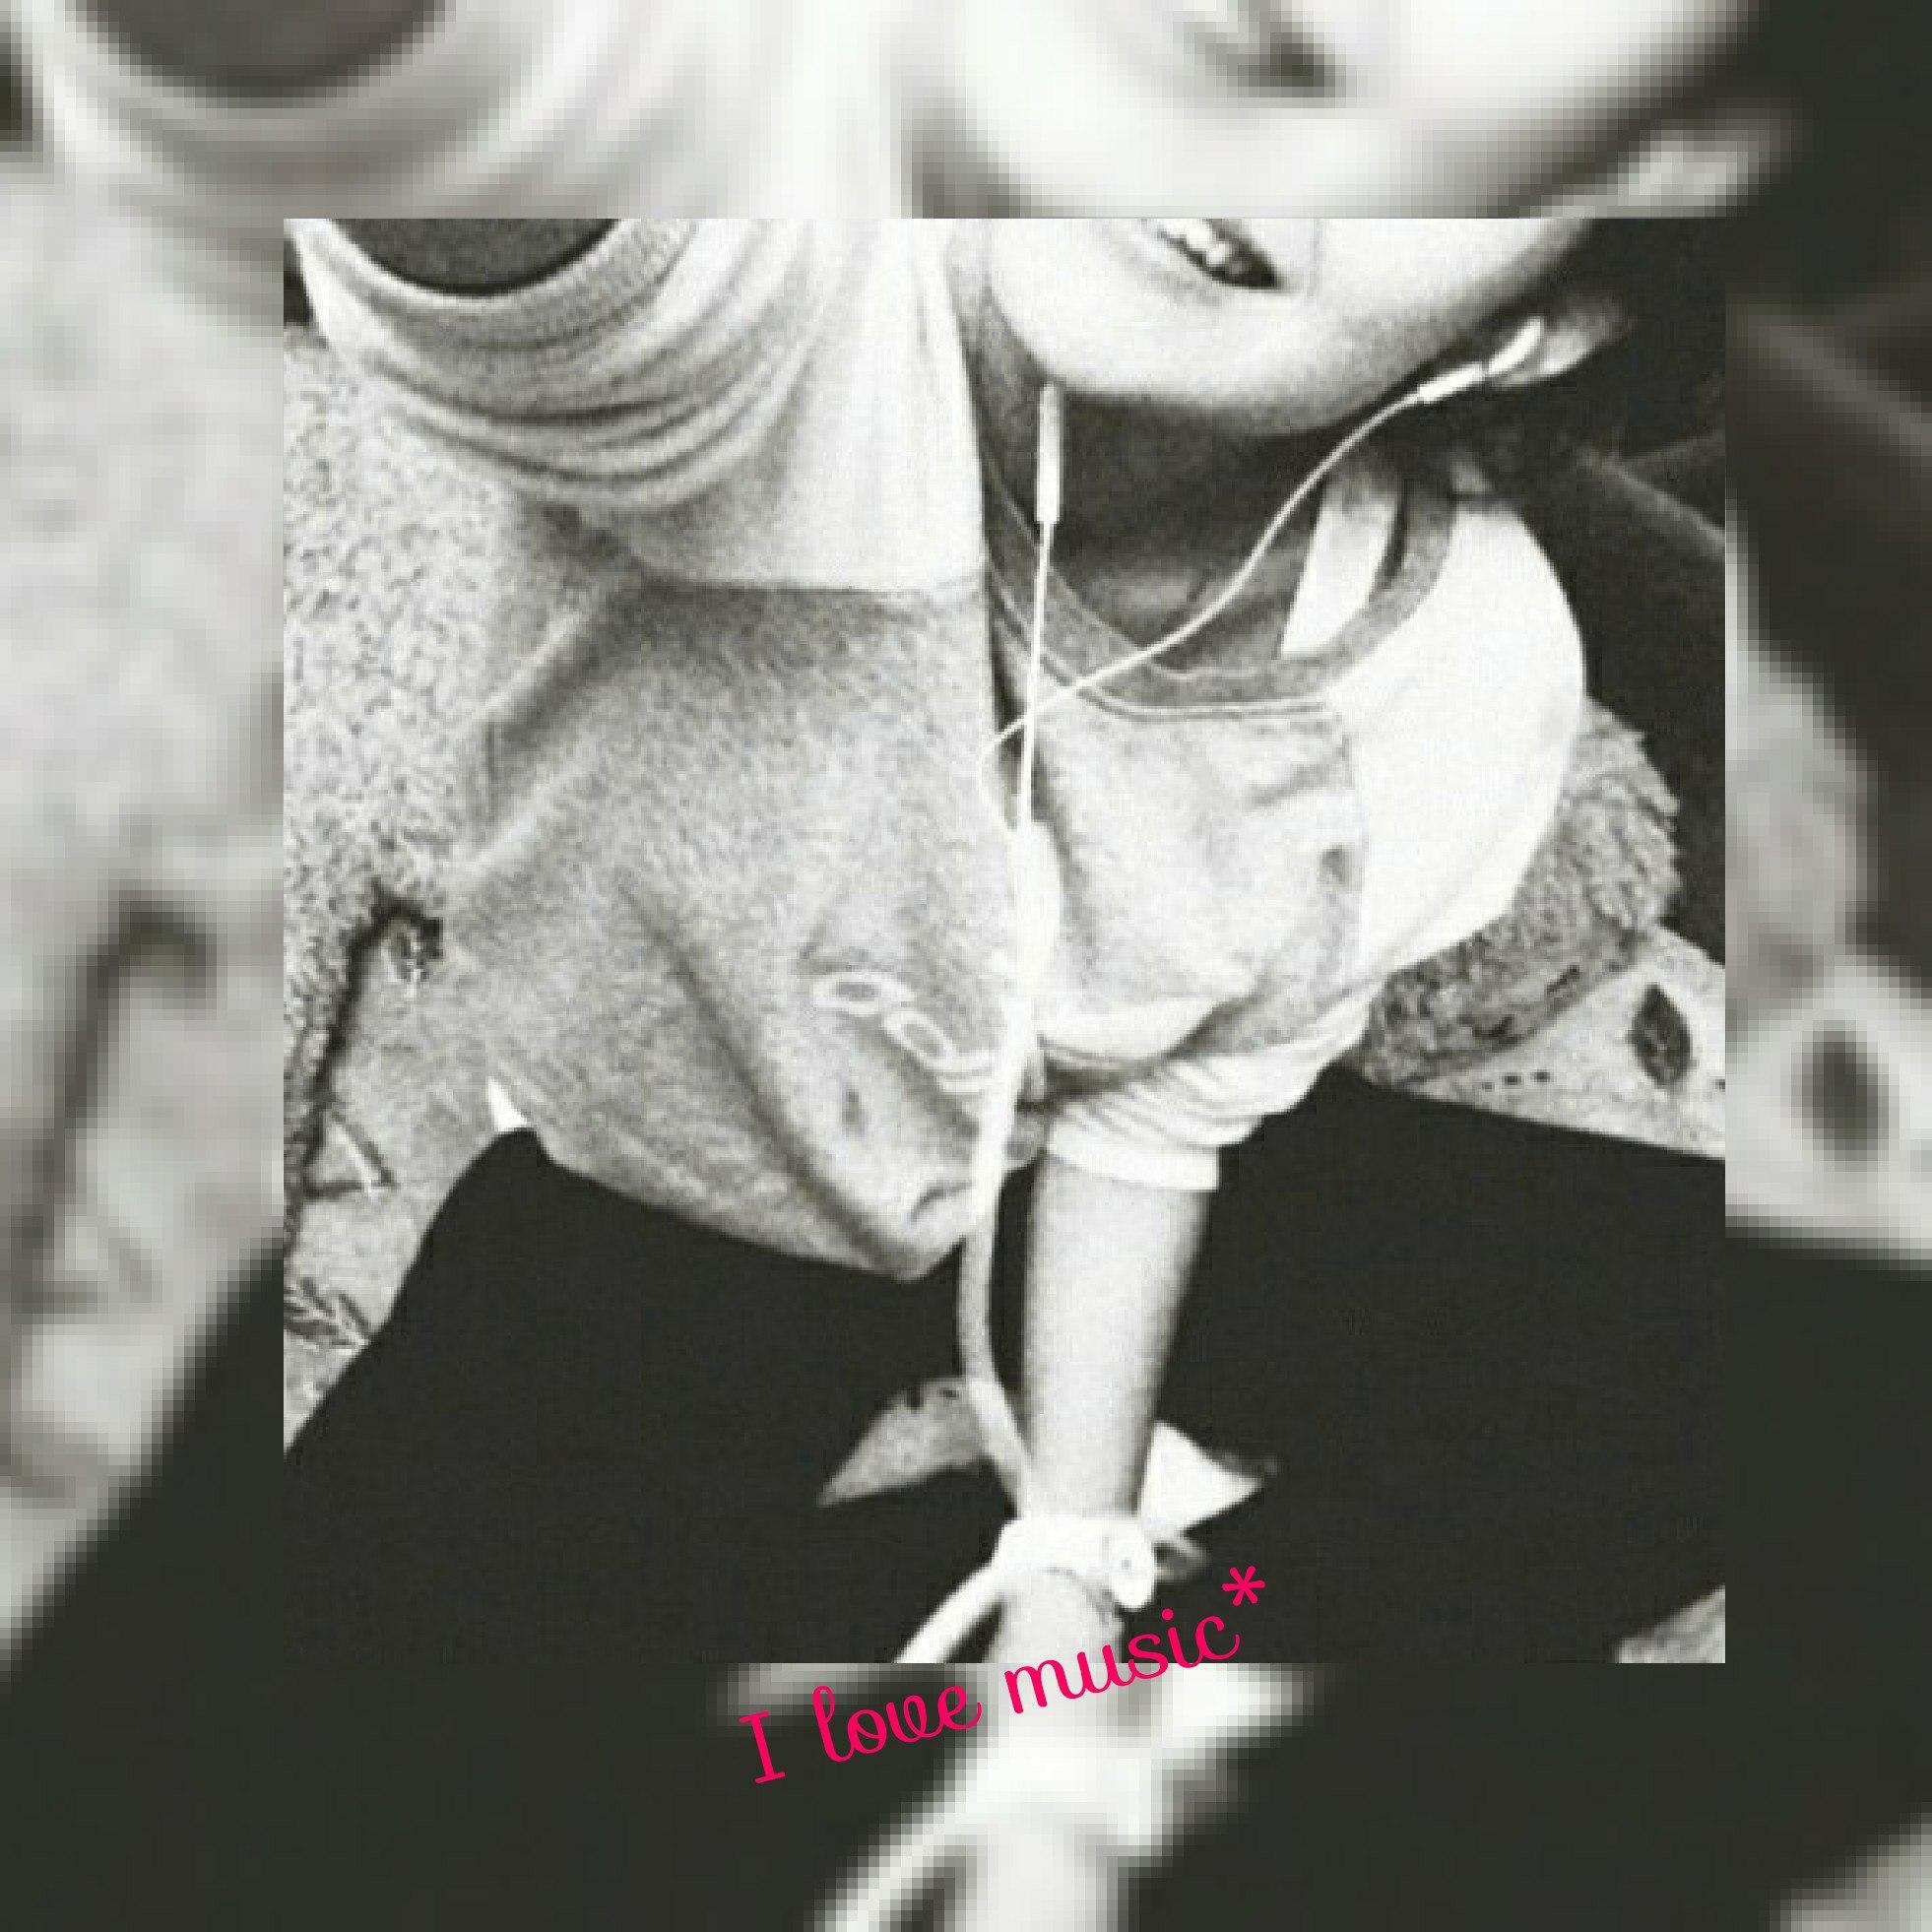 Фото на аву для девочек 15 лет без лица селфи